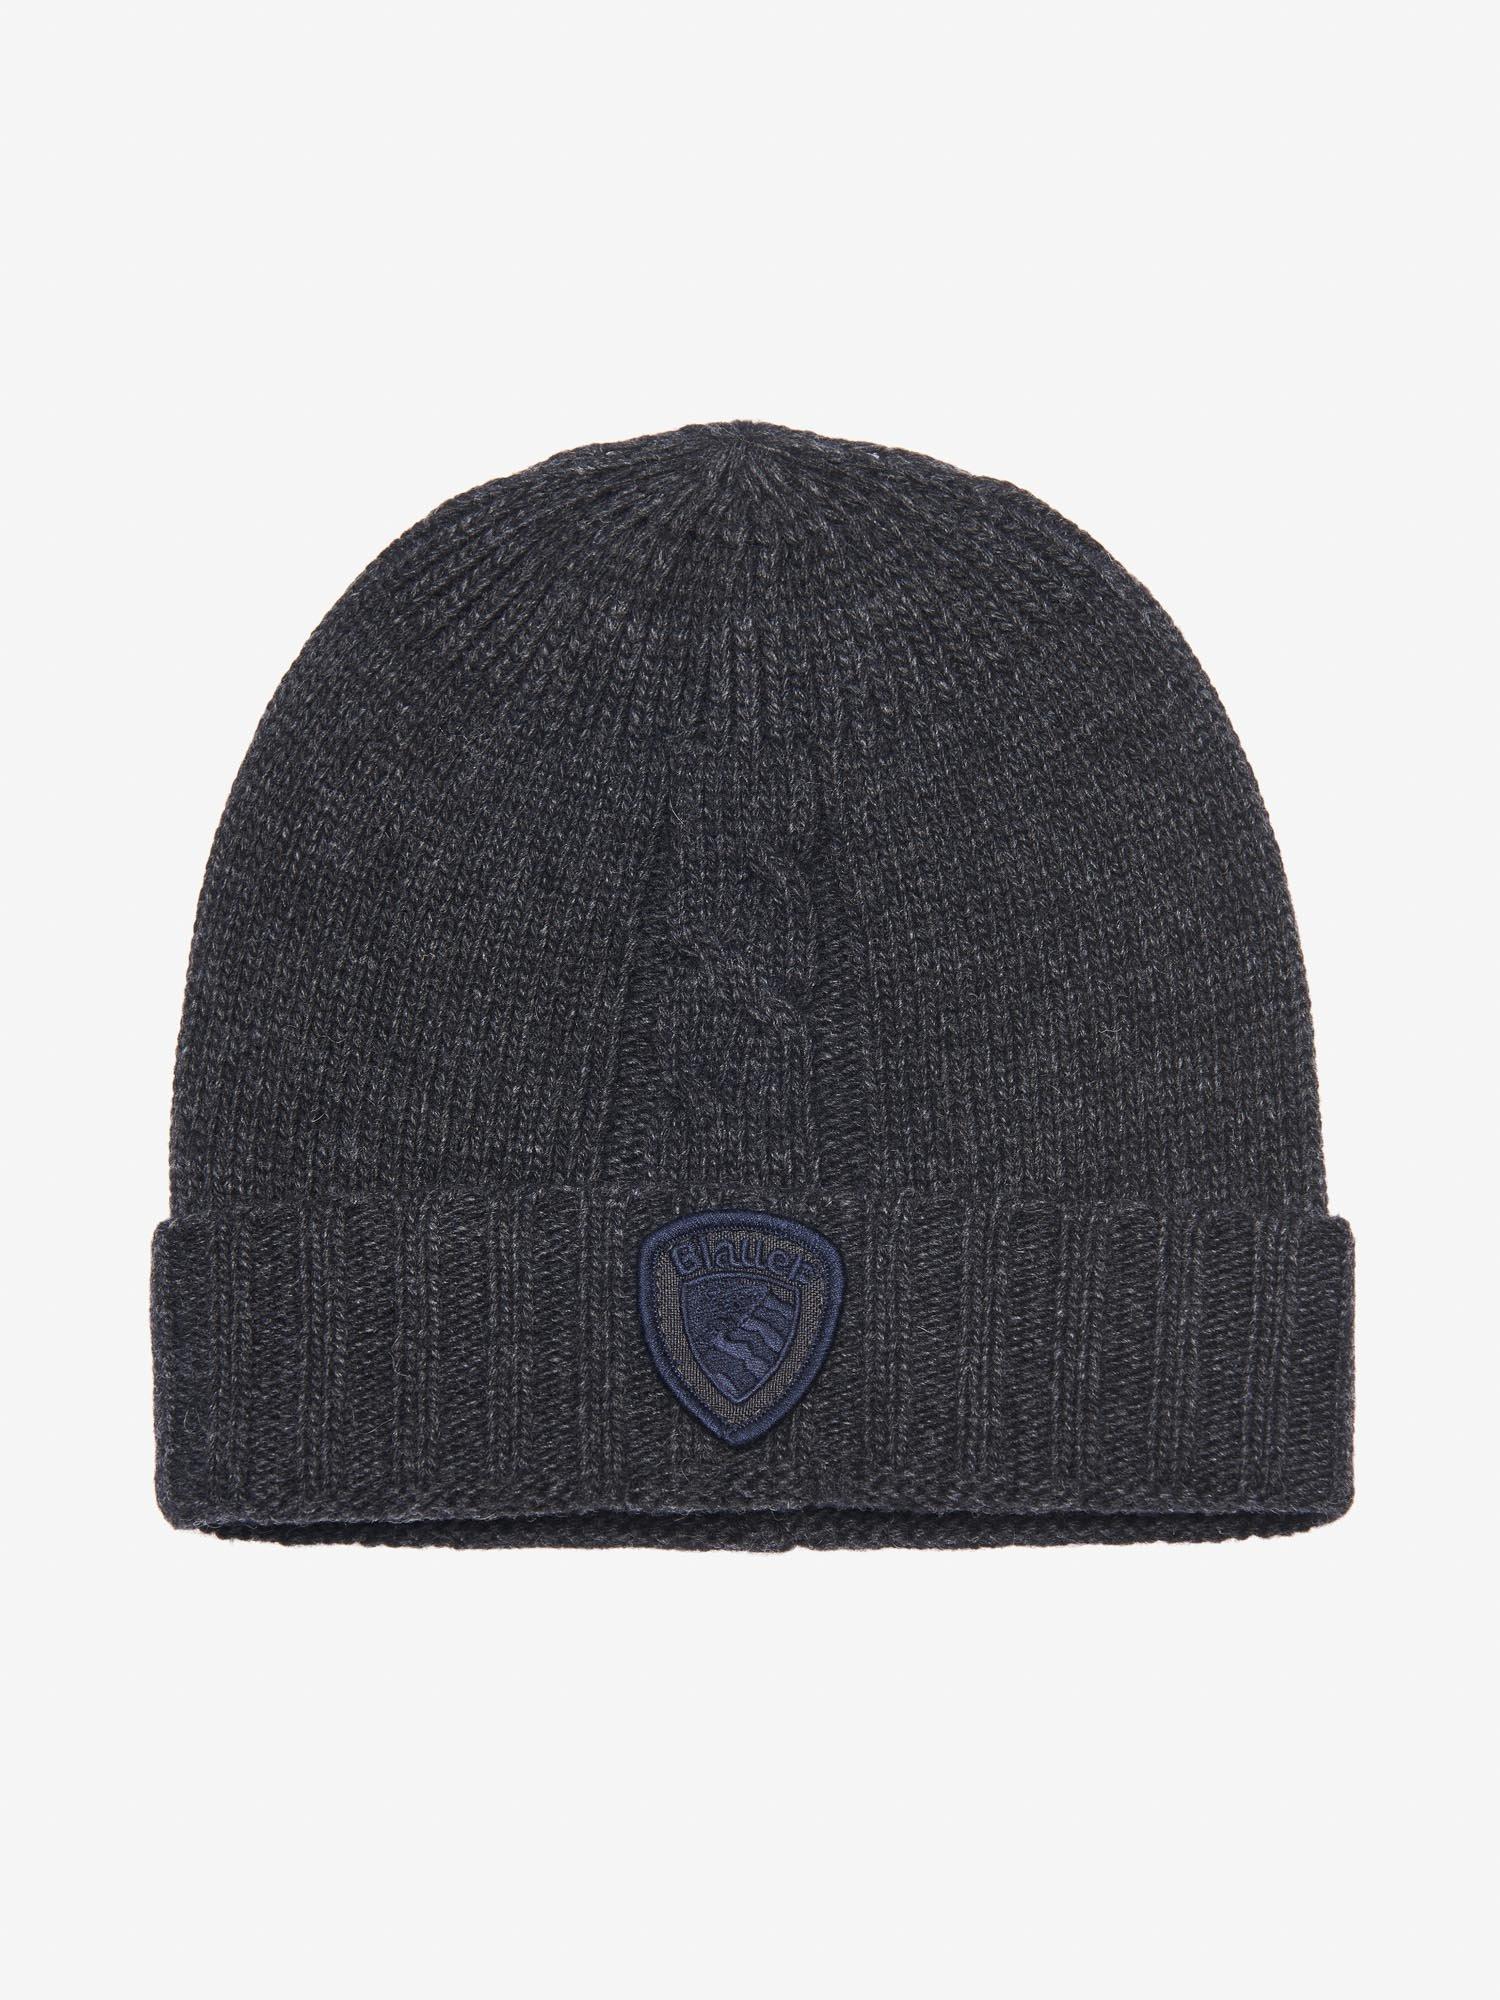 CASHMERE-WOOL CAP - Blauer